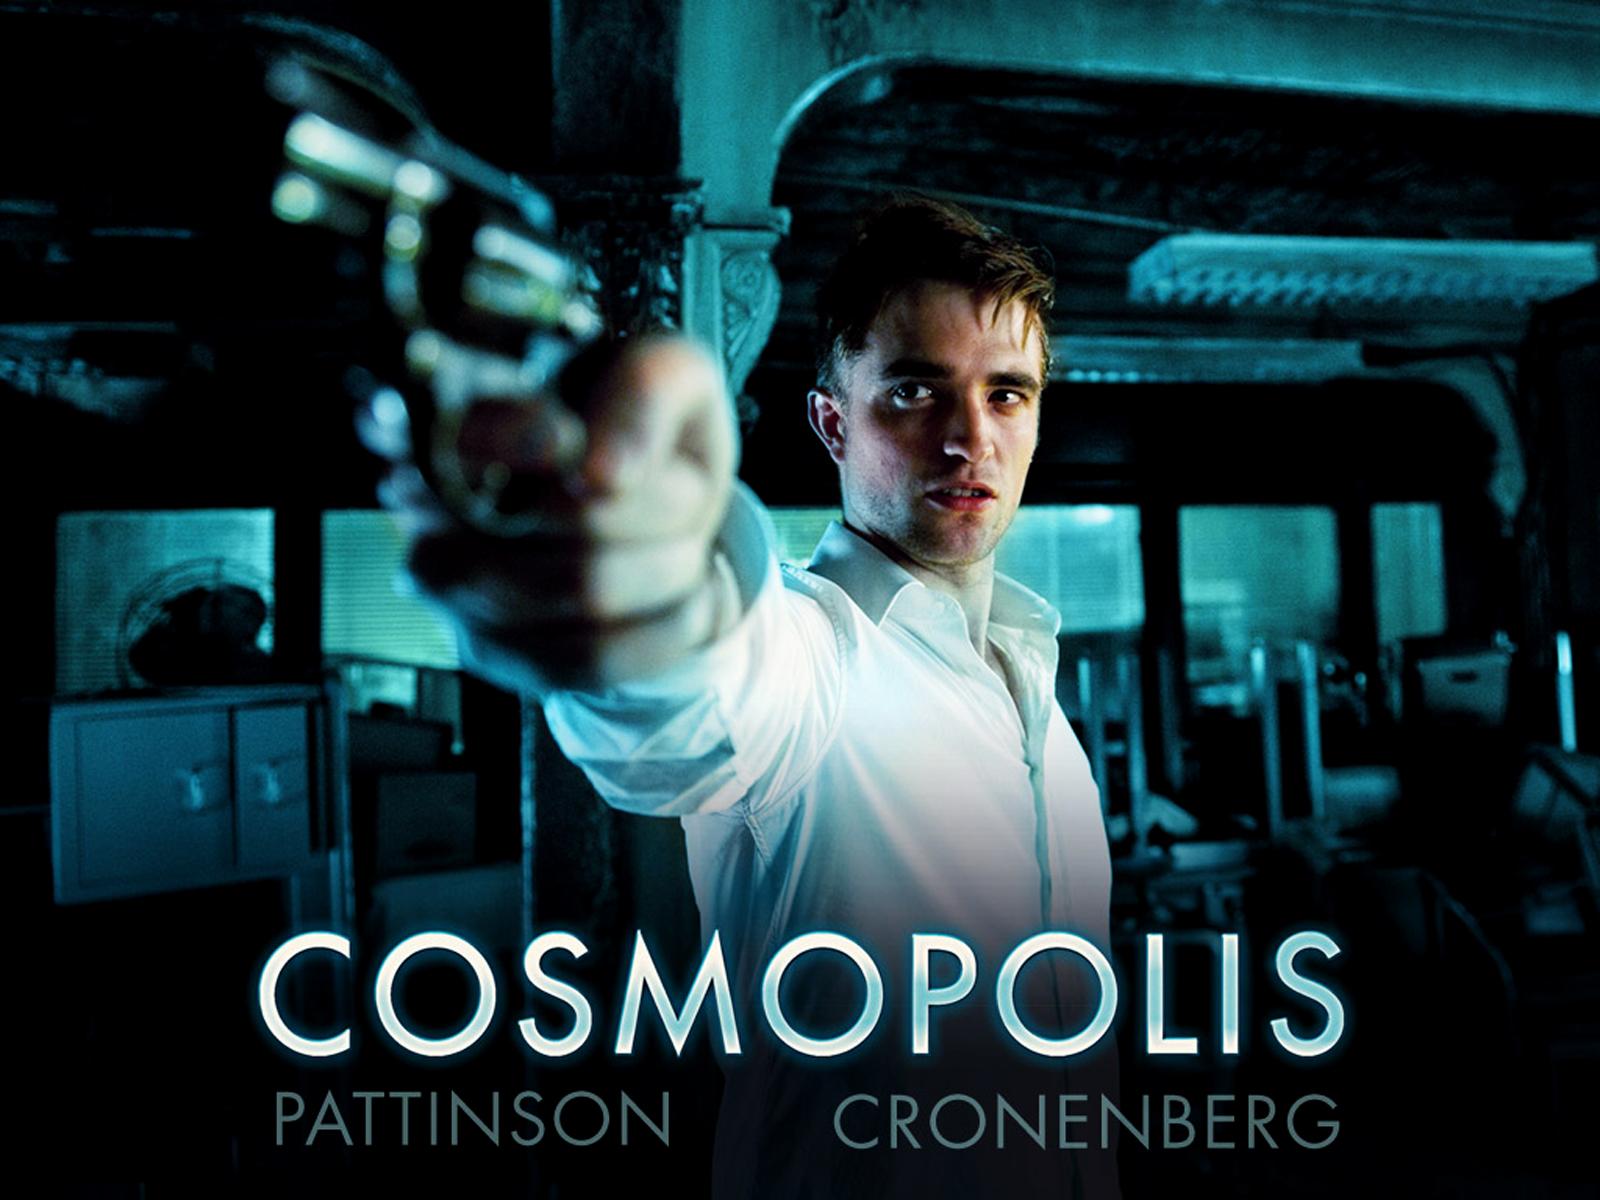 http://1.bp.blogspot.com/-XIp4r66ipD0/UCURhf5GqOI/AAAAAAAADpY/5mZTXXqS2Cs/s1600/Cosmopolis_Movie_Pattinson_with_Gun_HD_Wallpaper-Vvallpaper.Net.jpg